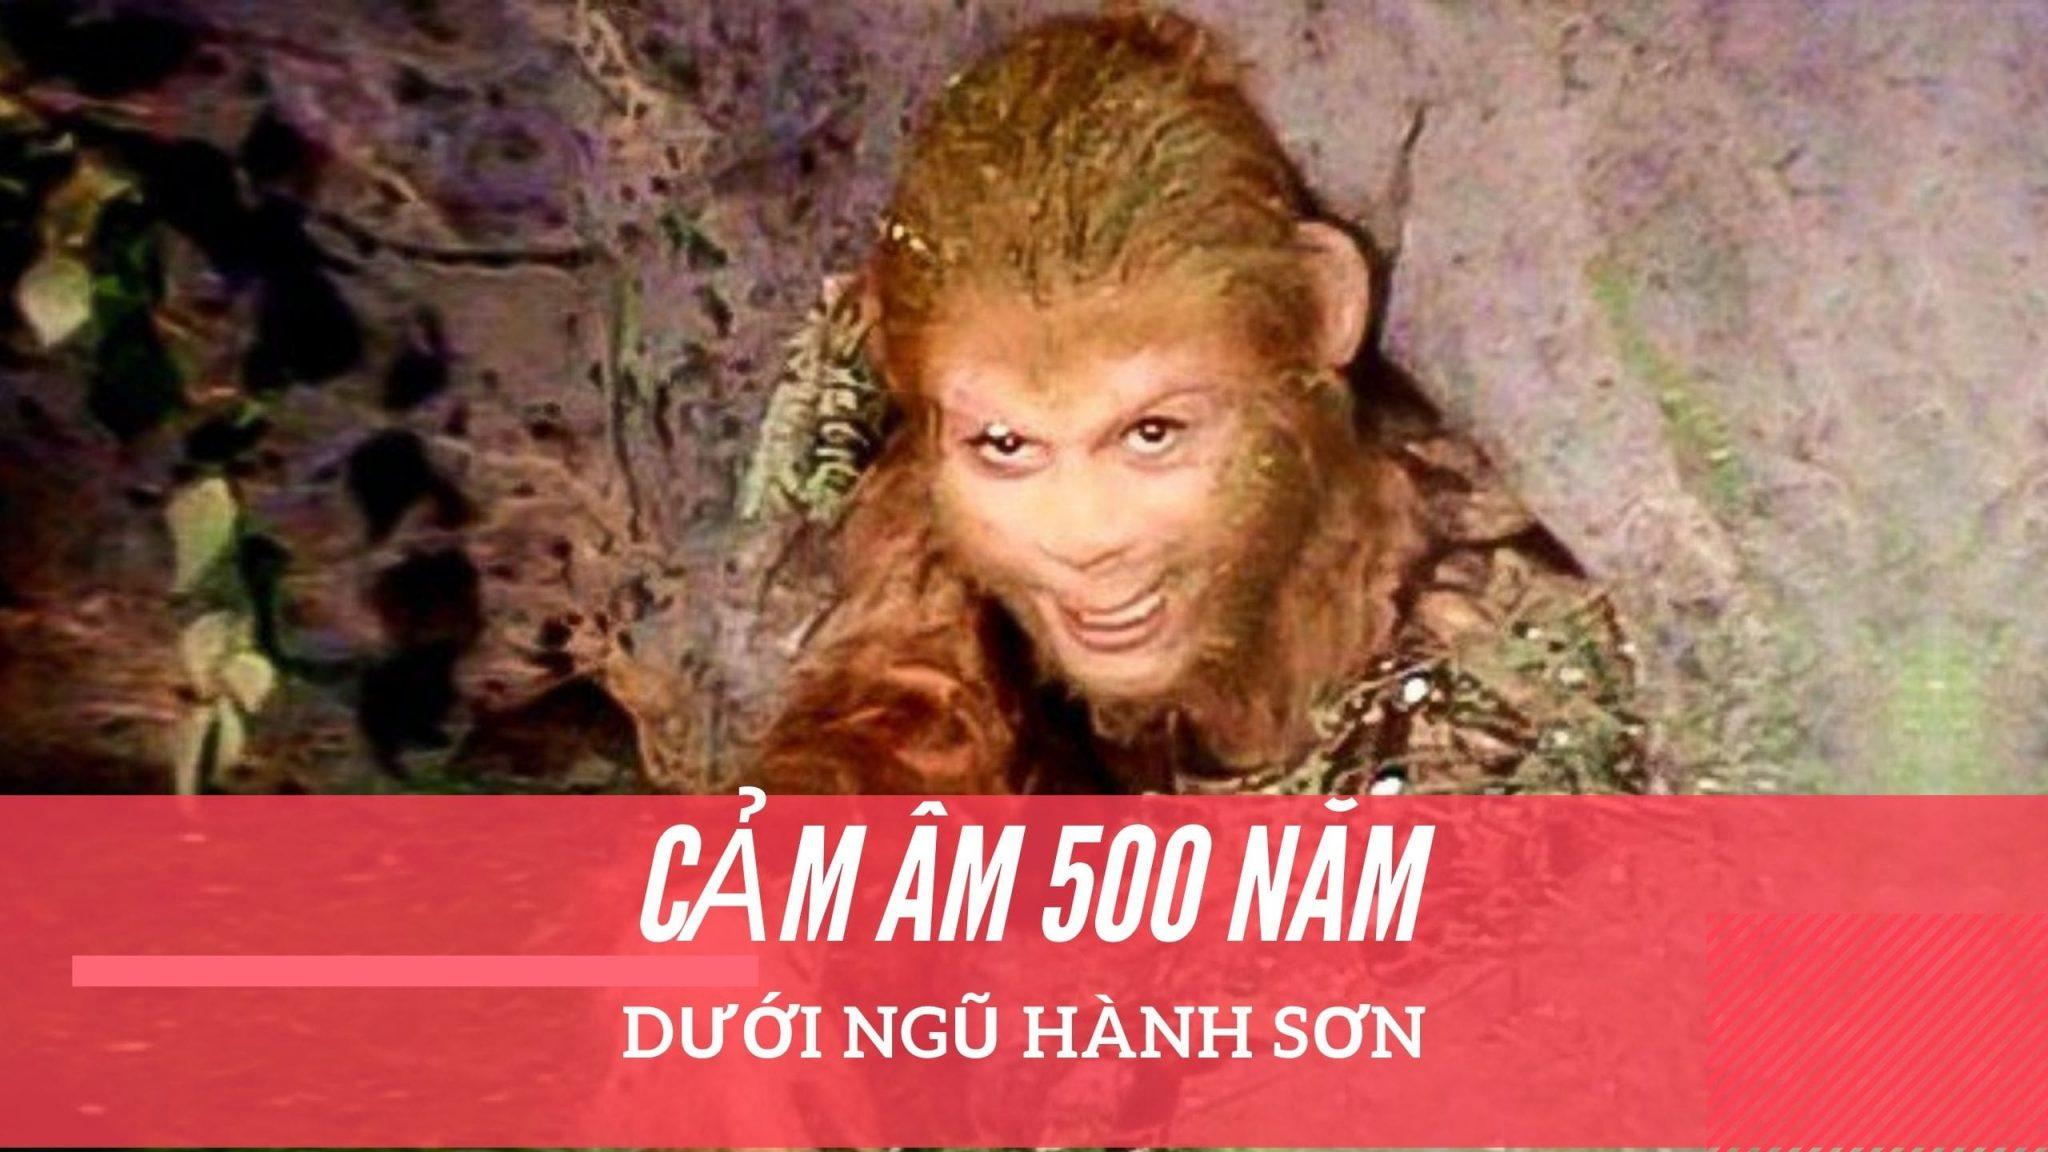 """Cảm Âm """"500 Năm Dưới Ngũ Hành Sơn""""   Tây Du Ký OST   Sáo Trúc Hoàng Anh Chuẩn Nhất"""